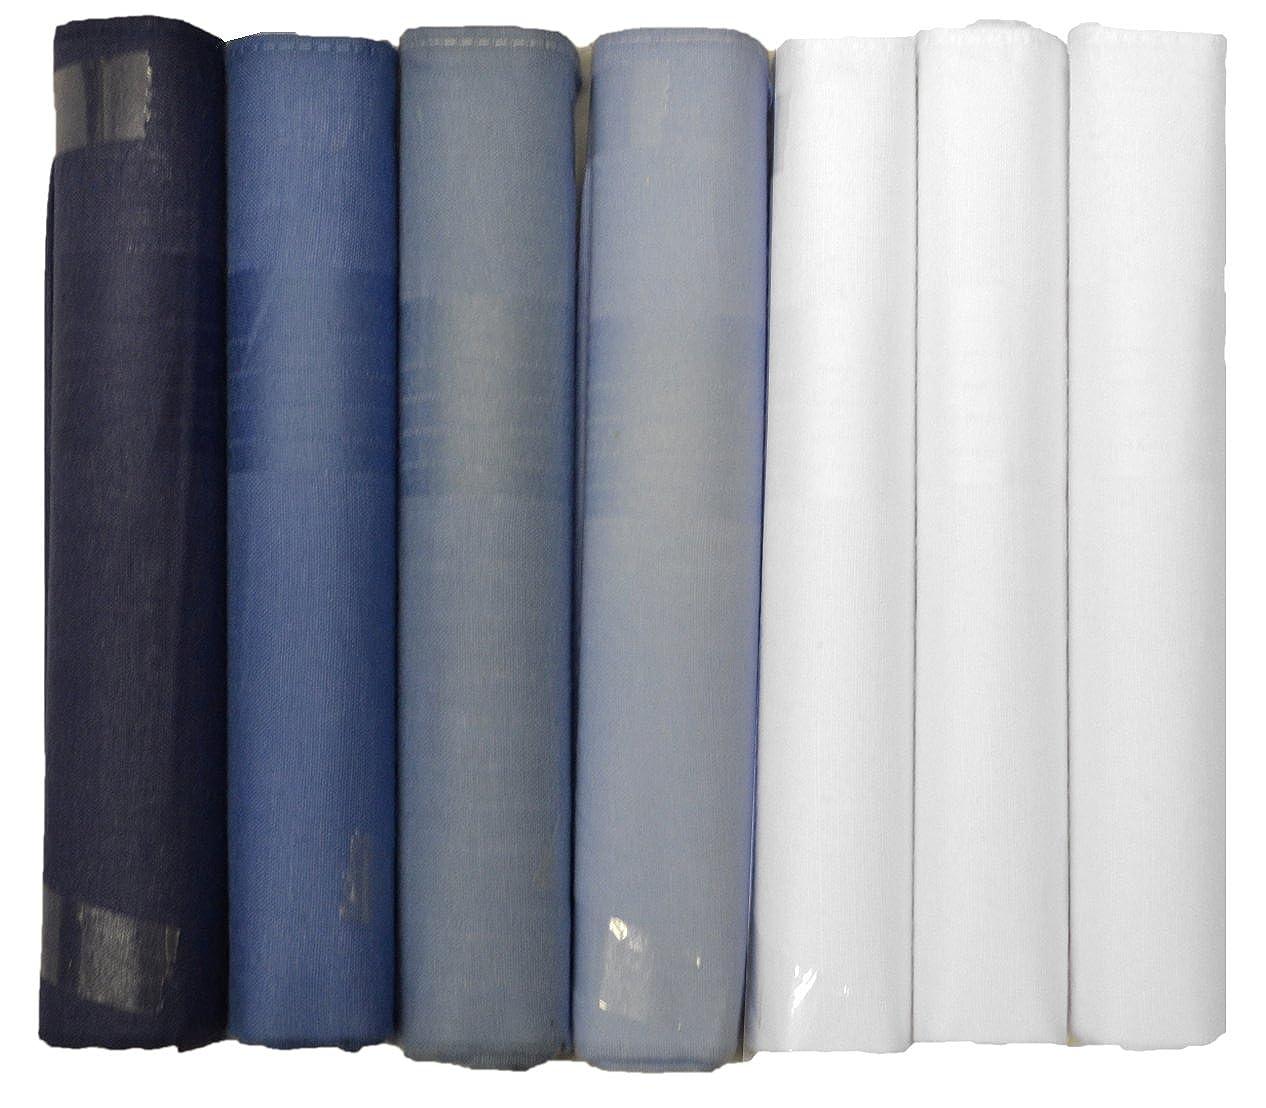 7 Pack Uomo's Fazzoletti Tinti Blu Con Bordo In Raso, Cotone 100% In & Scatola Regalo